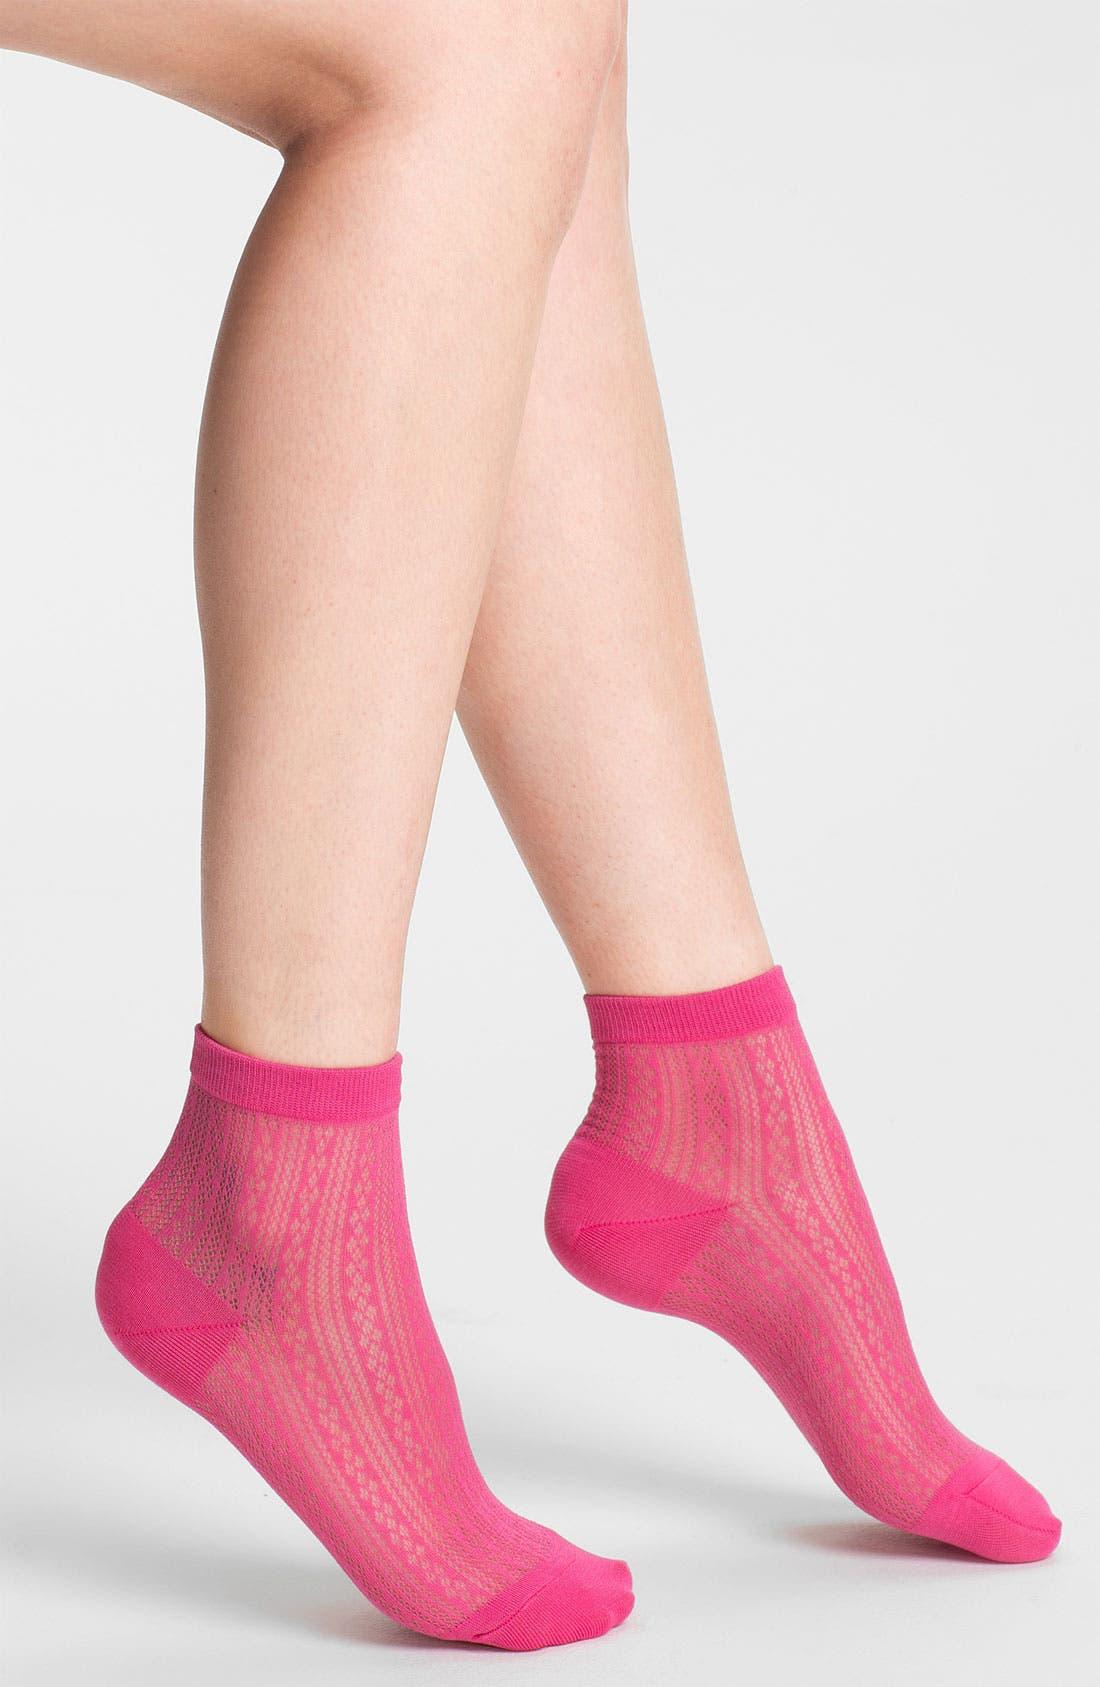 Alternate Image 1 Selected - Nordstrom 'I'm Frilled' Anklets